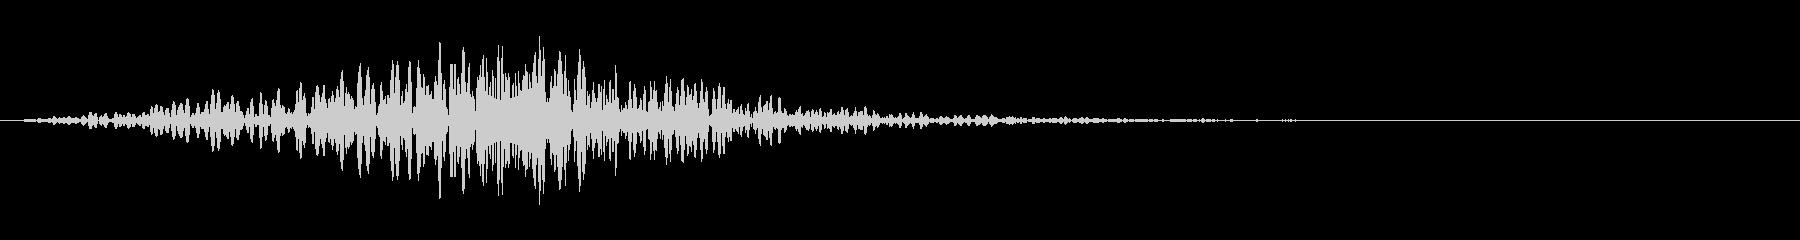 ラティゴ4をシューッという音の未再生の波形